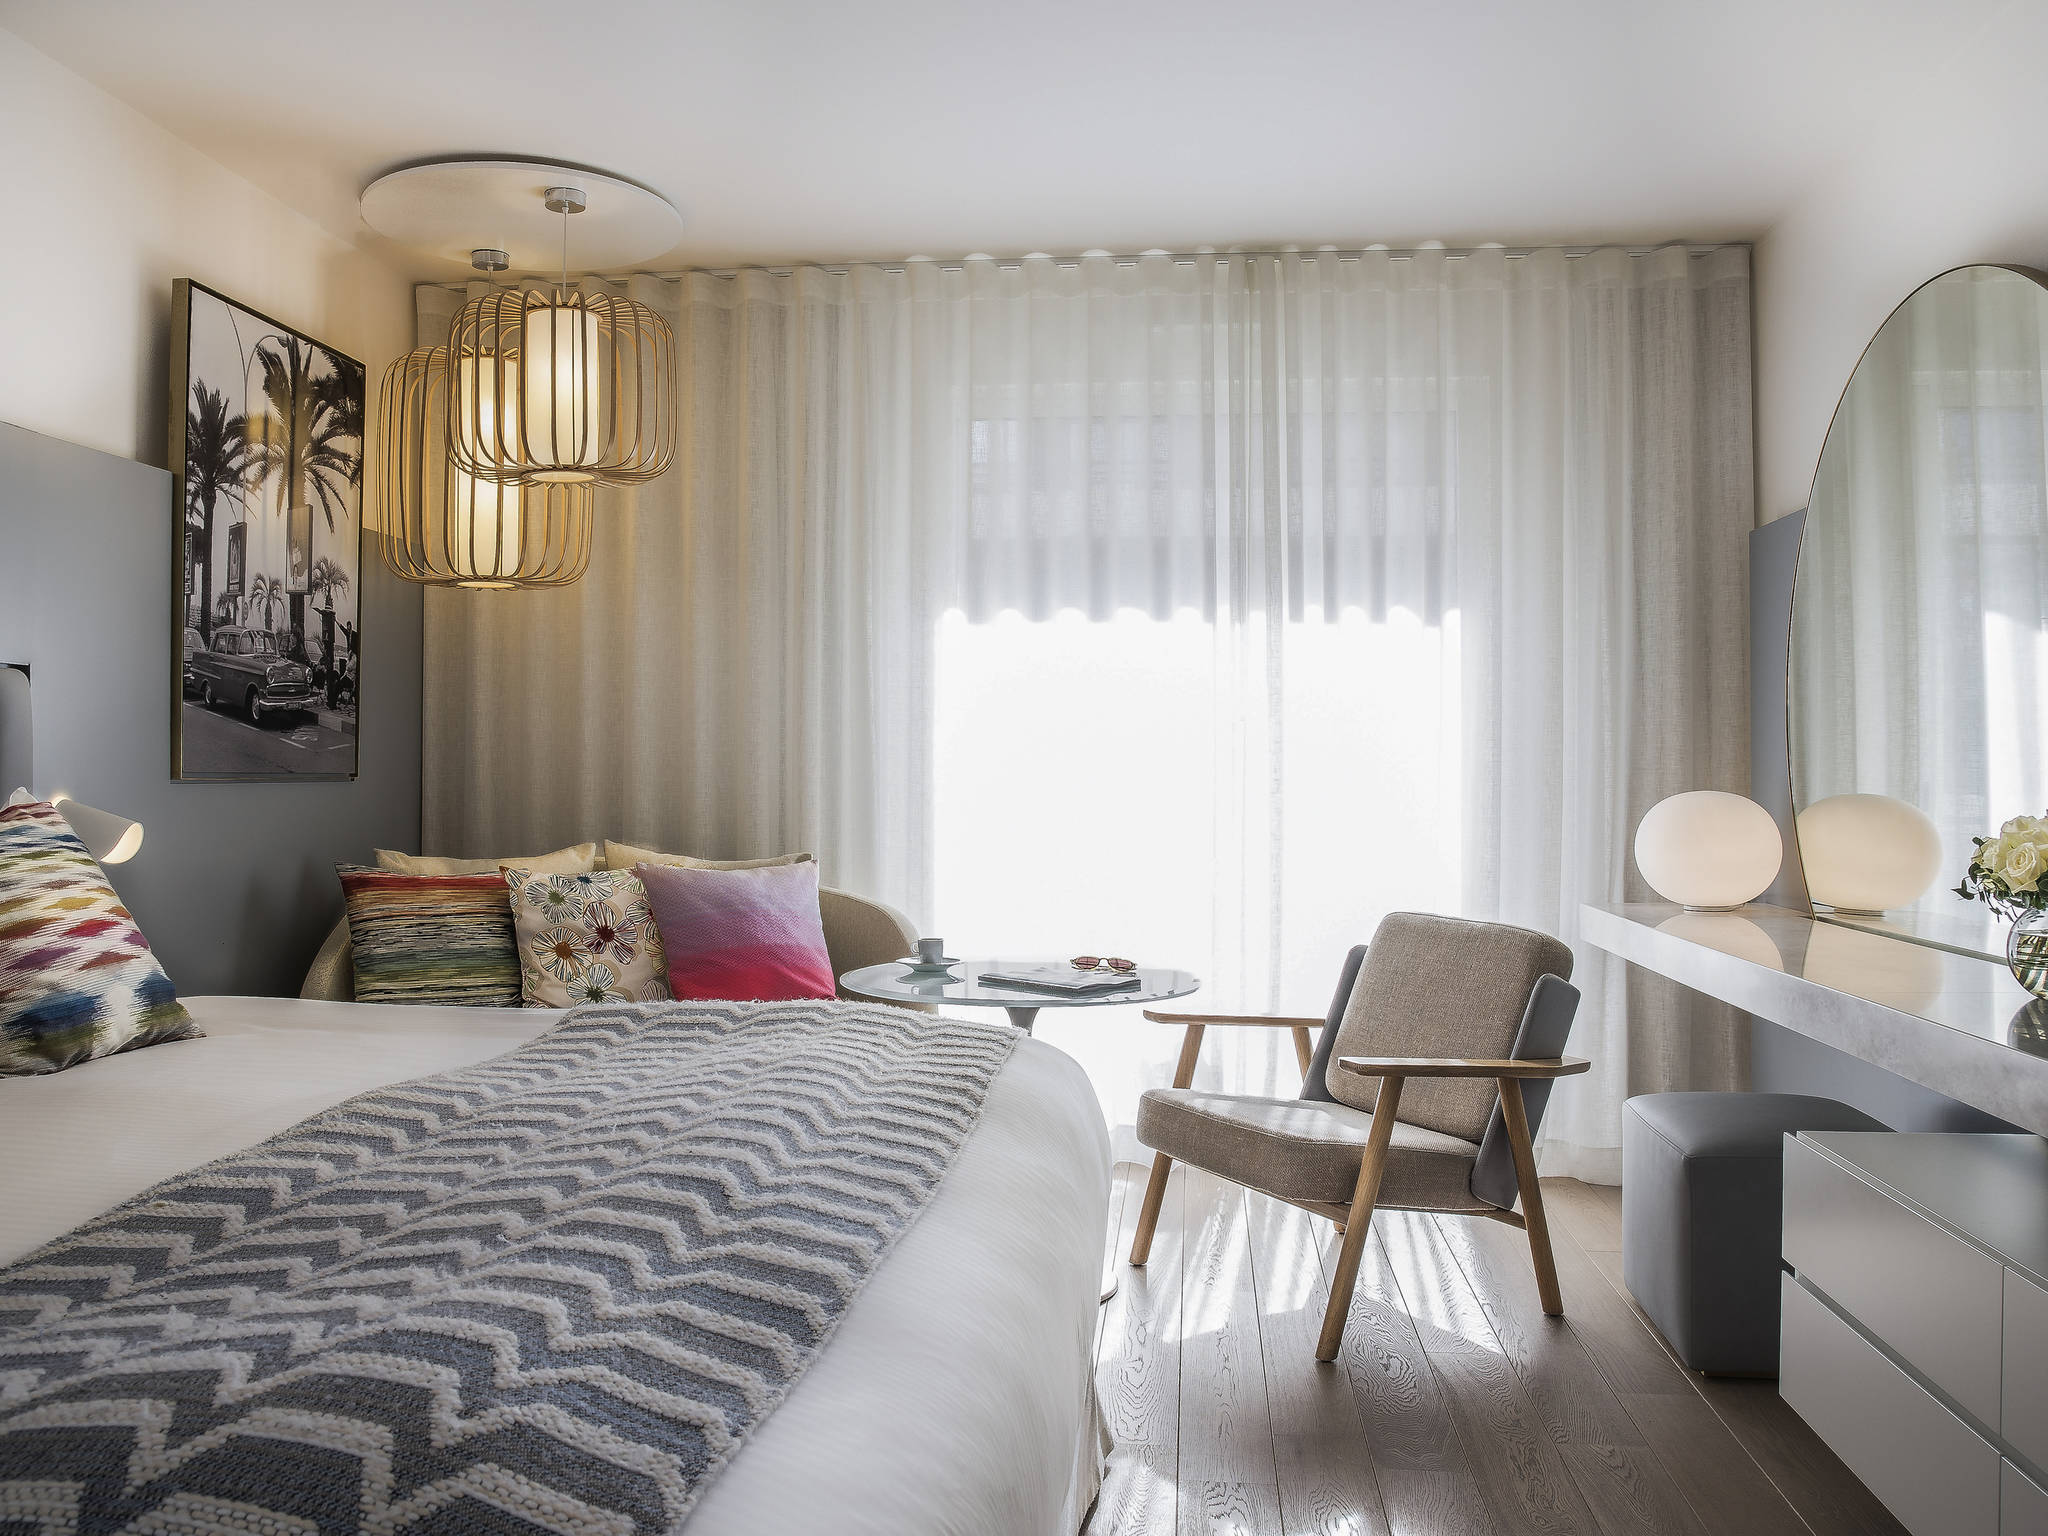 ホテル – グランドホテルメルキュールクロワゼットビーチホテル